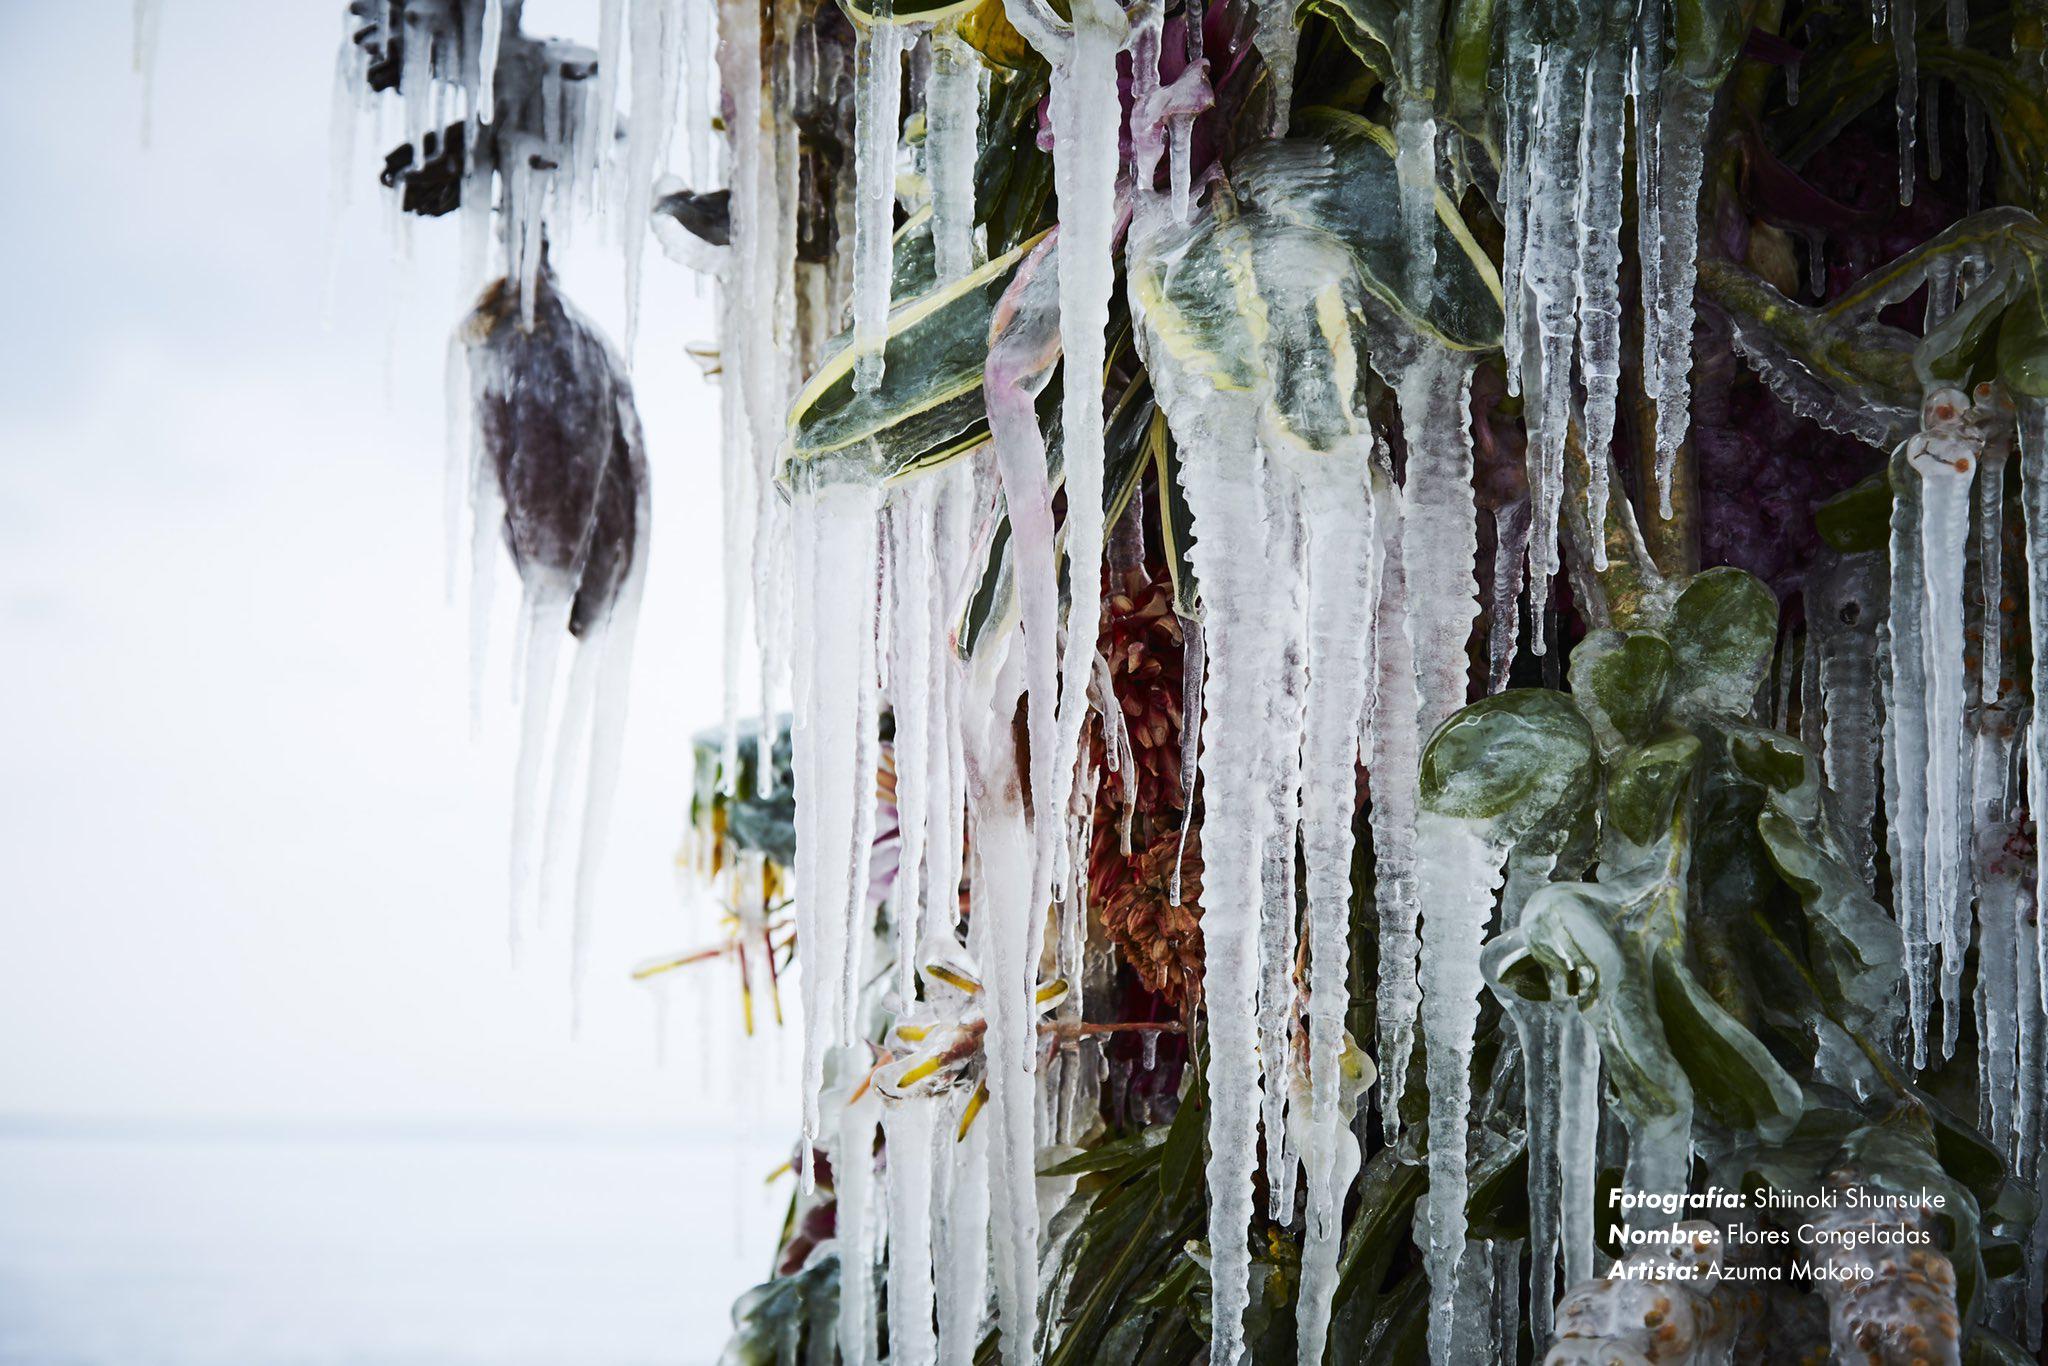 En flores congeladas, Azuma Makoto usa hielo para preservar las instalaciones florales.